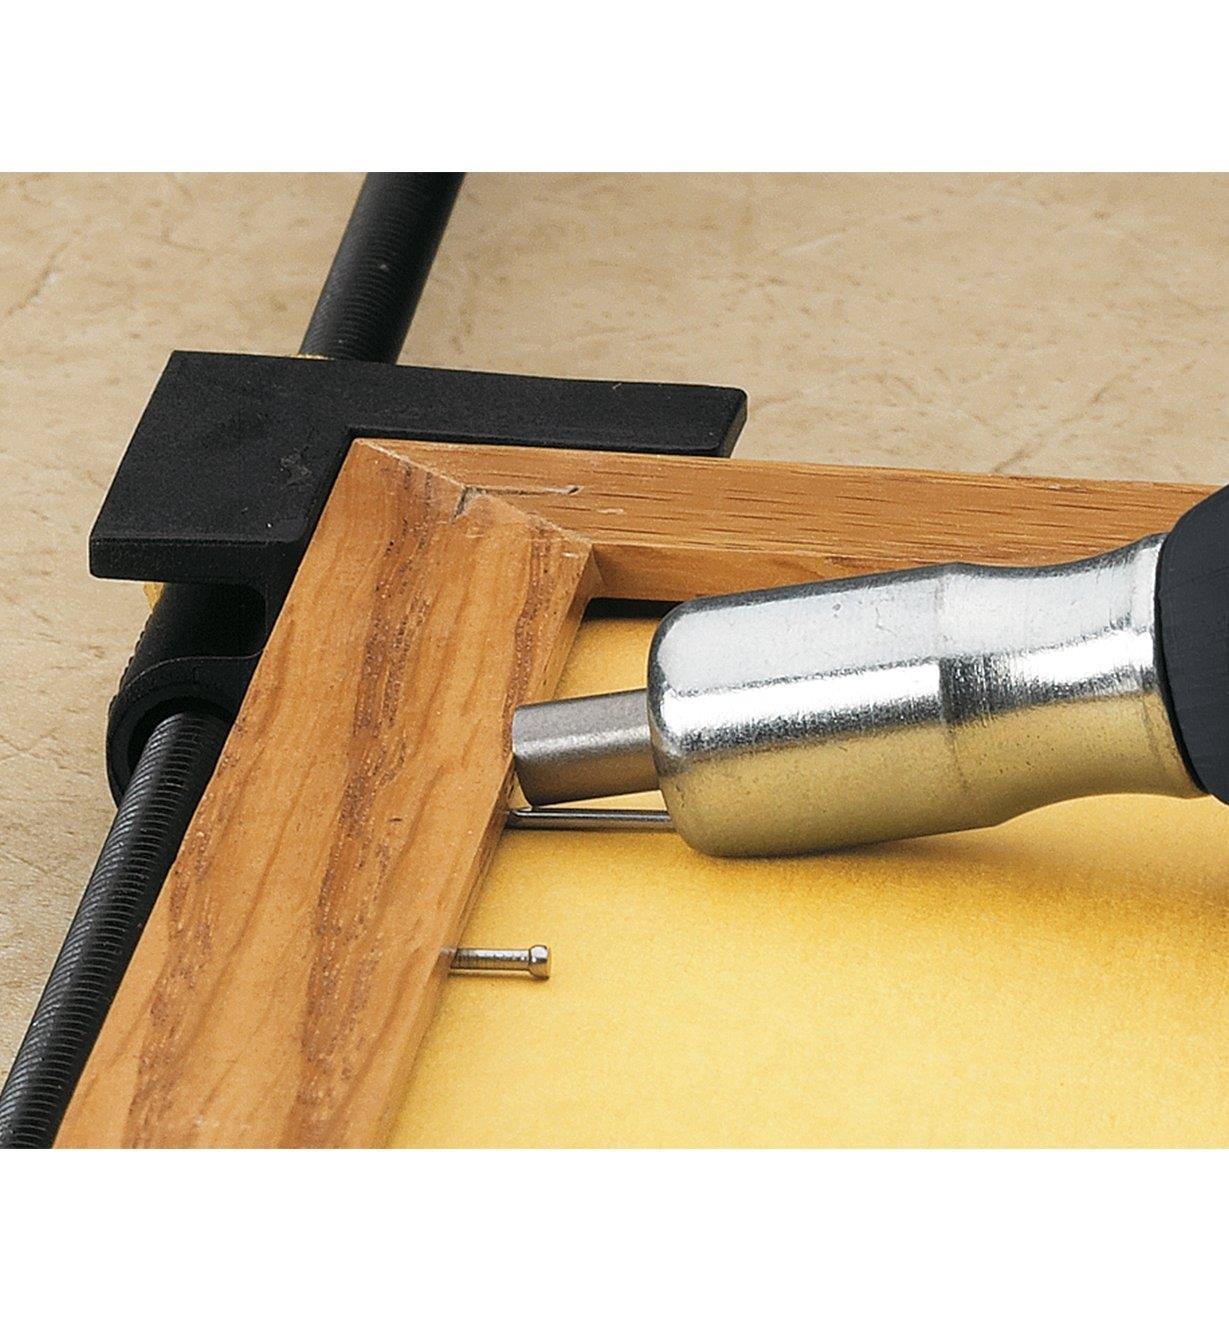 86K8710 - Pousse-clou pour clous en V et clous de finition